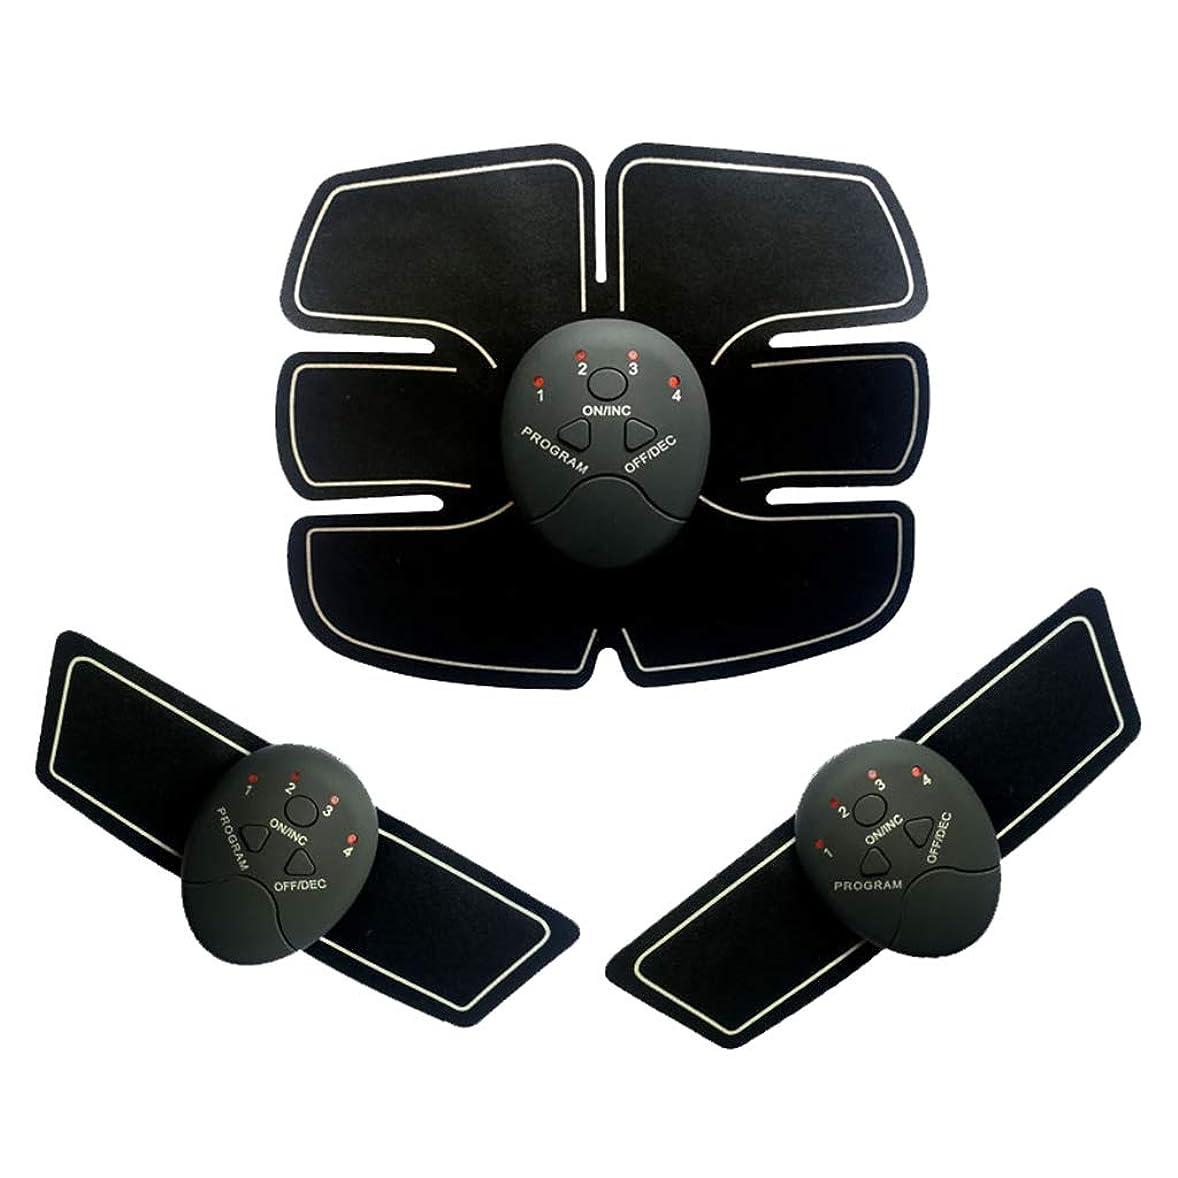 スキッパー形状魂Ab調色ベルトウエストフィットネス薄いベルト、EMS腹筋トレーナー筋肉刺激ボディービル腹部ベルトホームインテリジェント筋肉トレーニングフィットネス機器筋肉腹部トレーナー (Color : BLACK, Size : 19*20CM)